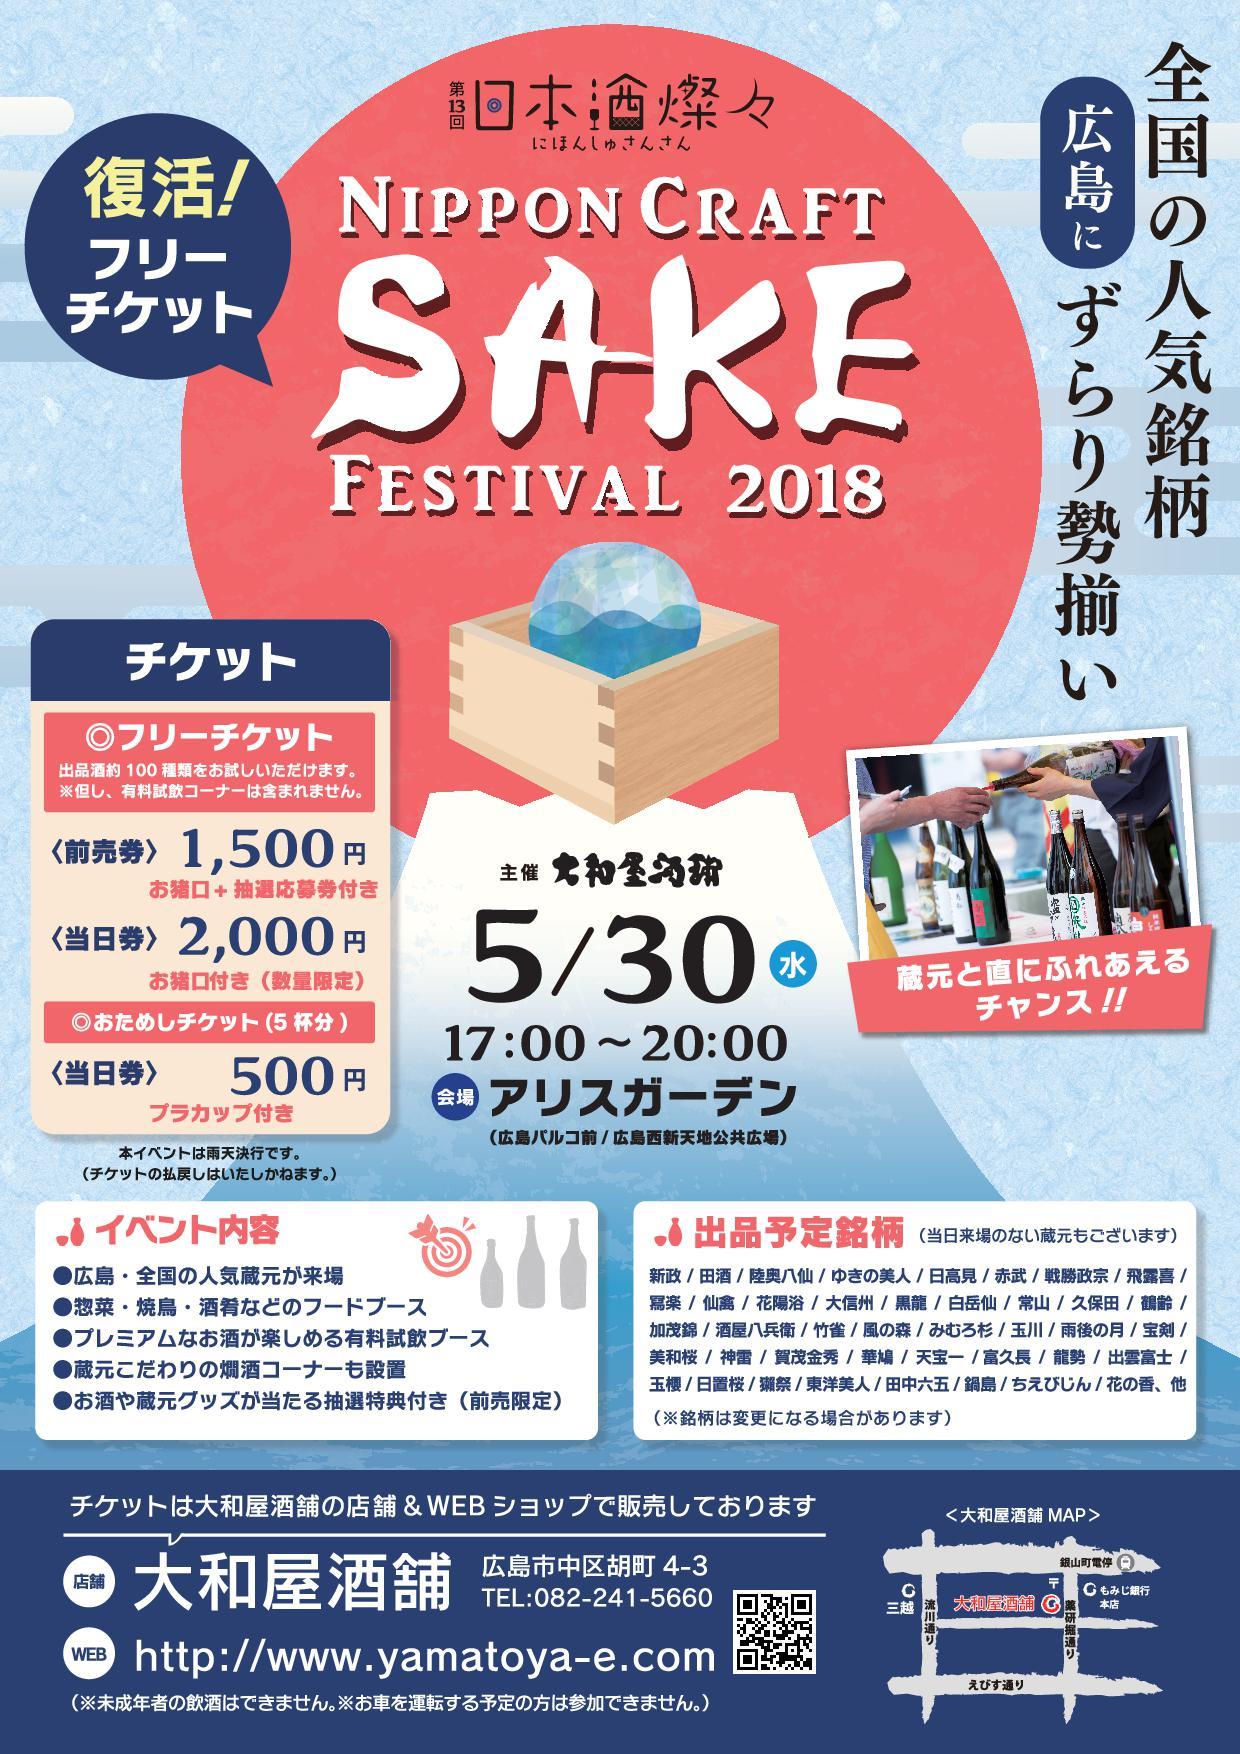 日本酒燦々ニッポンクラフトサケフェスティバル